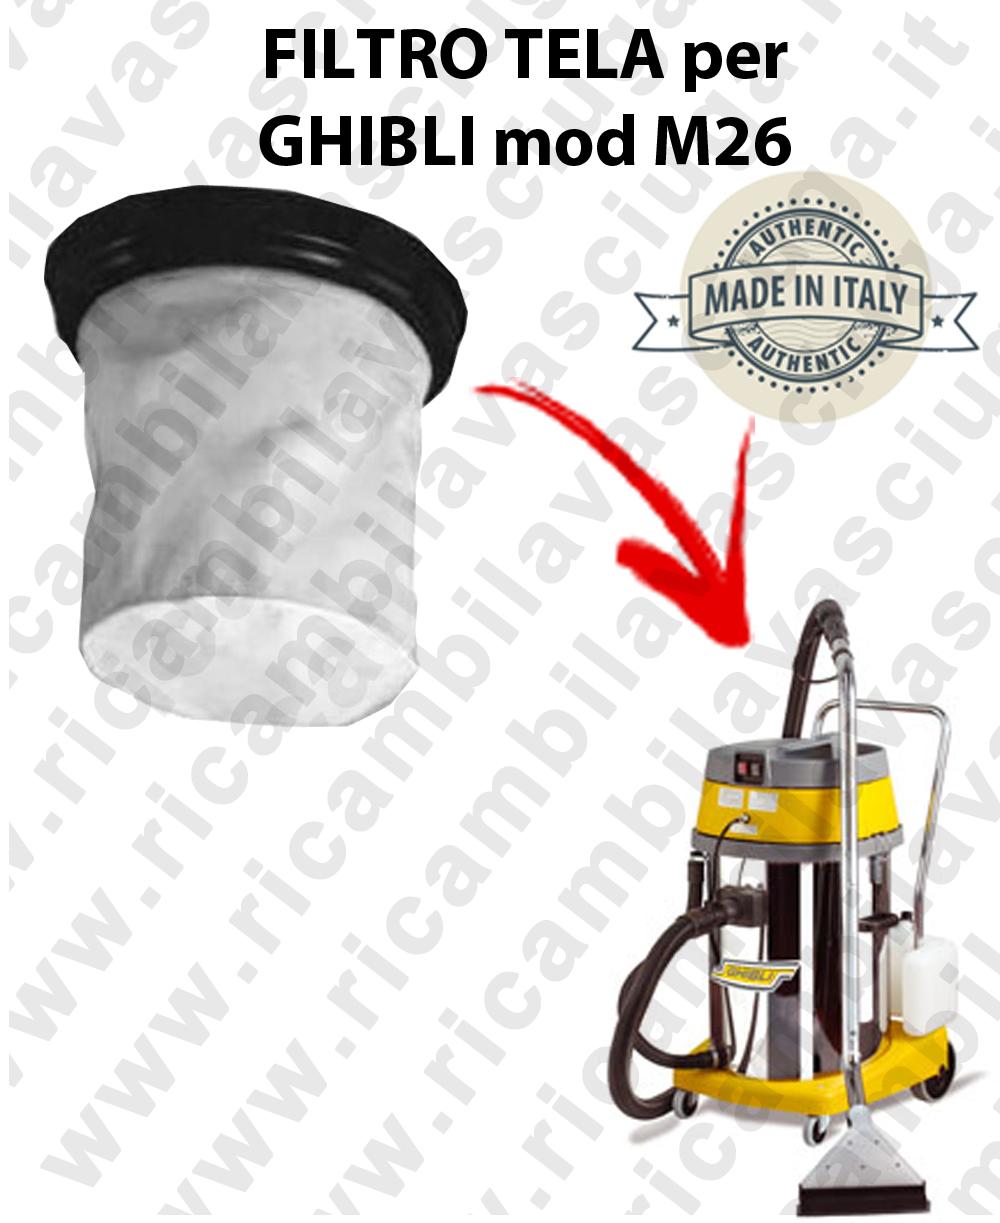 FILTRO TELA PER aspirapolvere GHIBLI modello M26